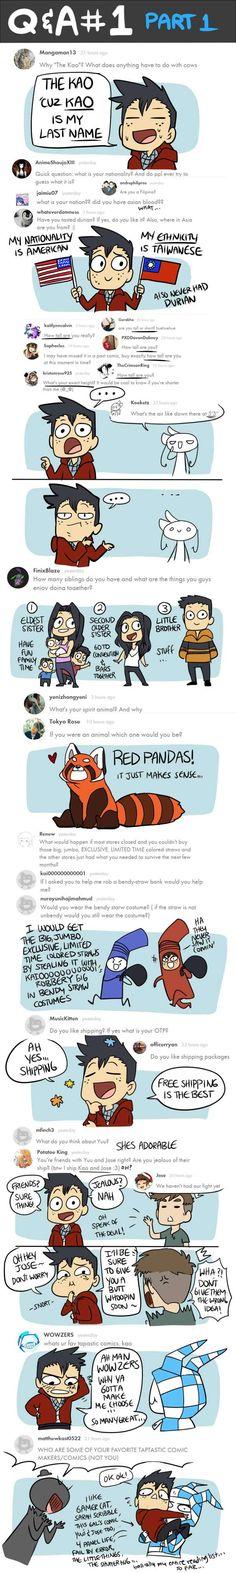 Mondo Mango :: Q&A #1 Part 1 | Tapastic Comics - image 1